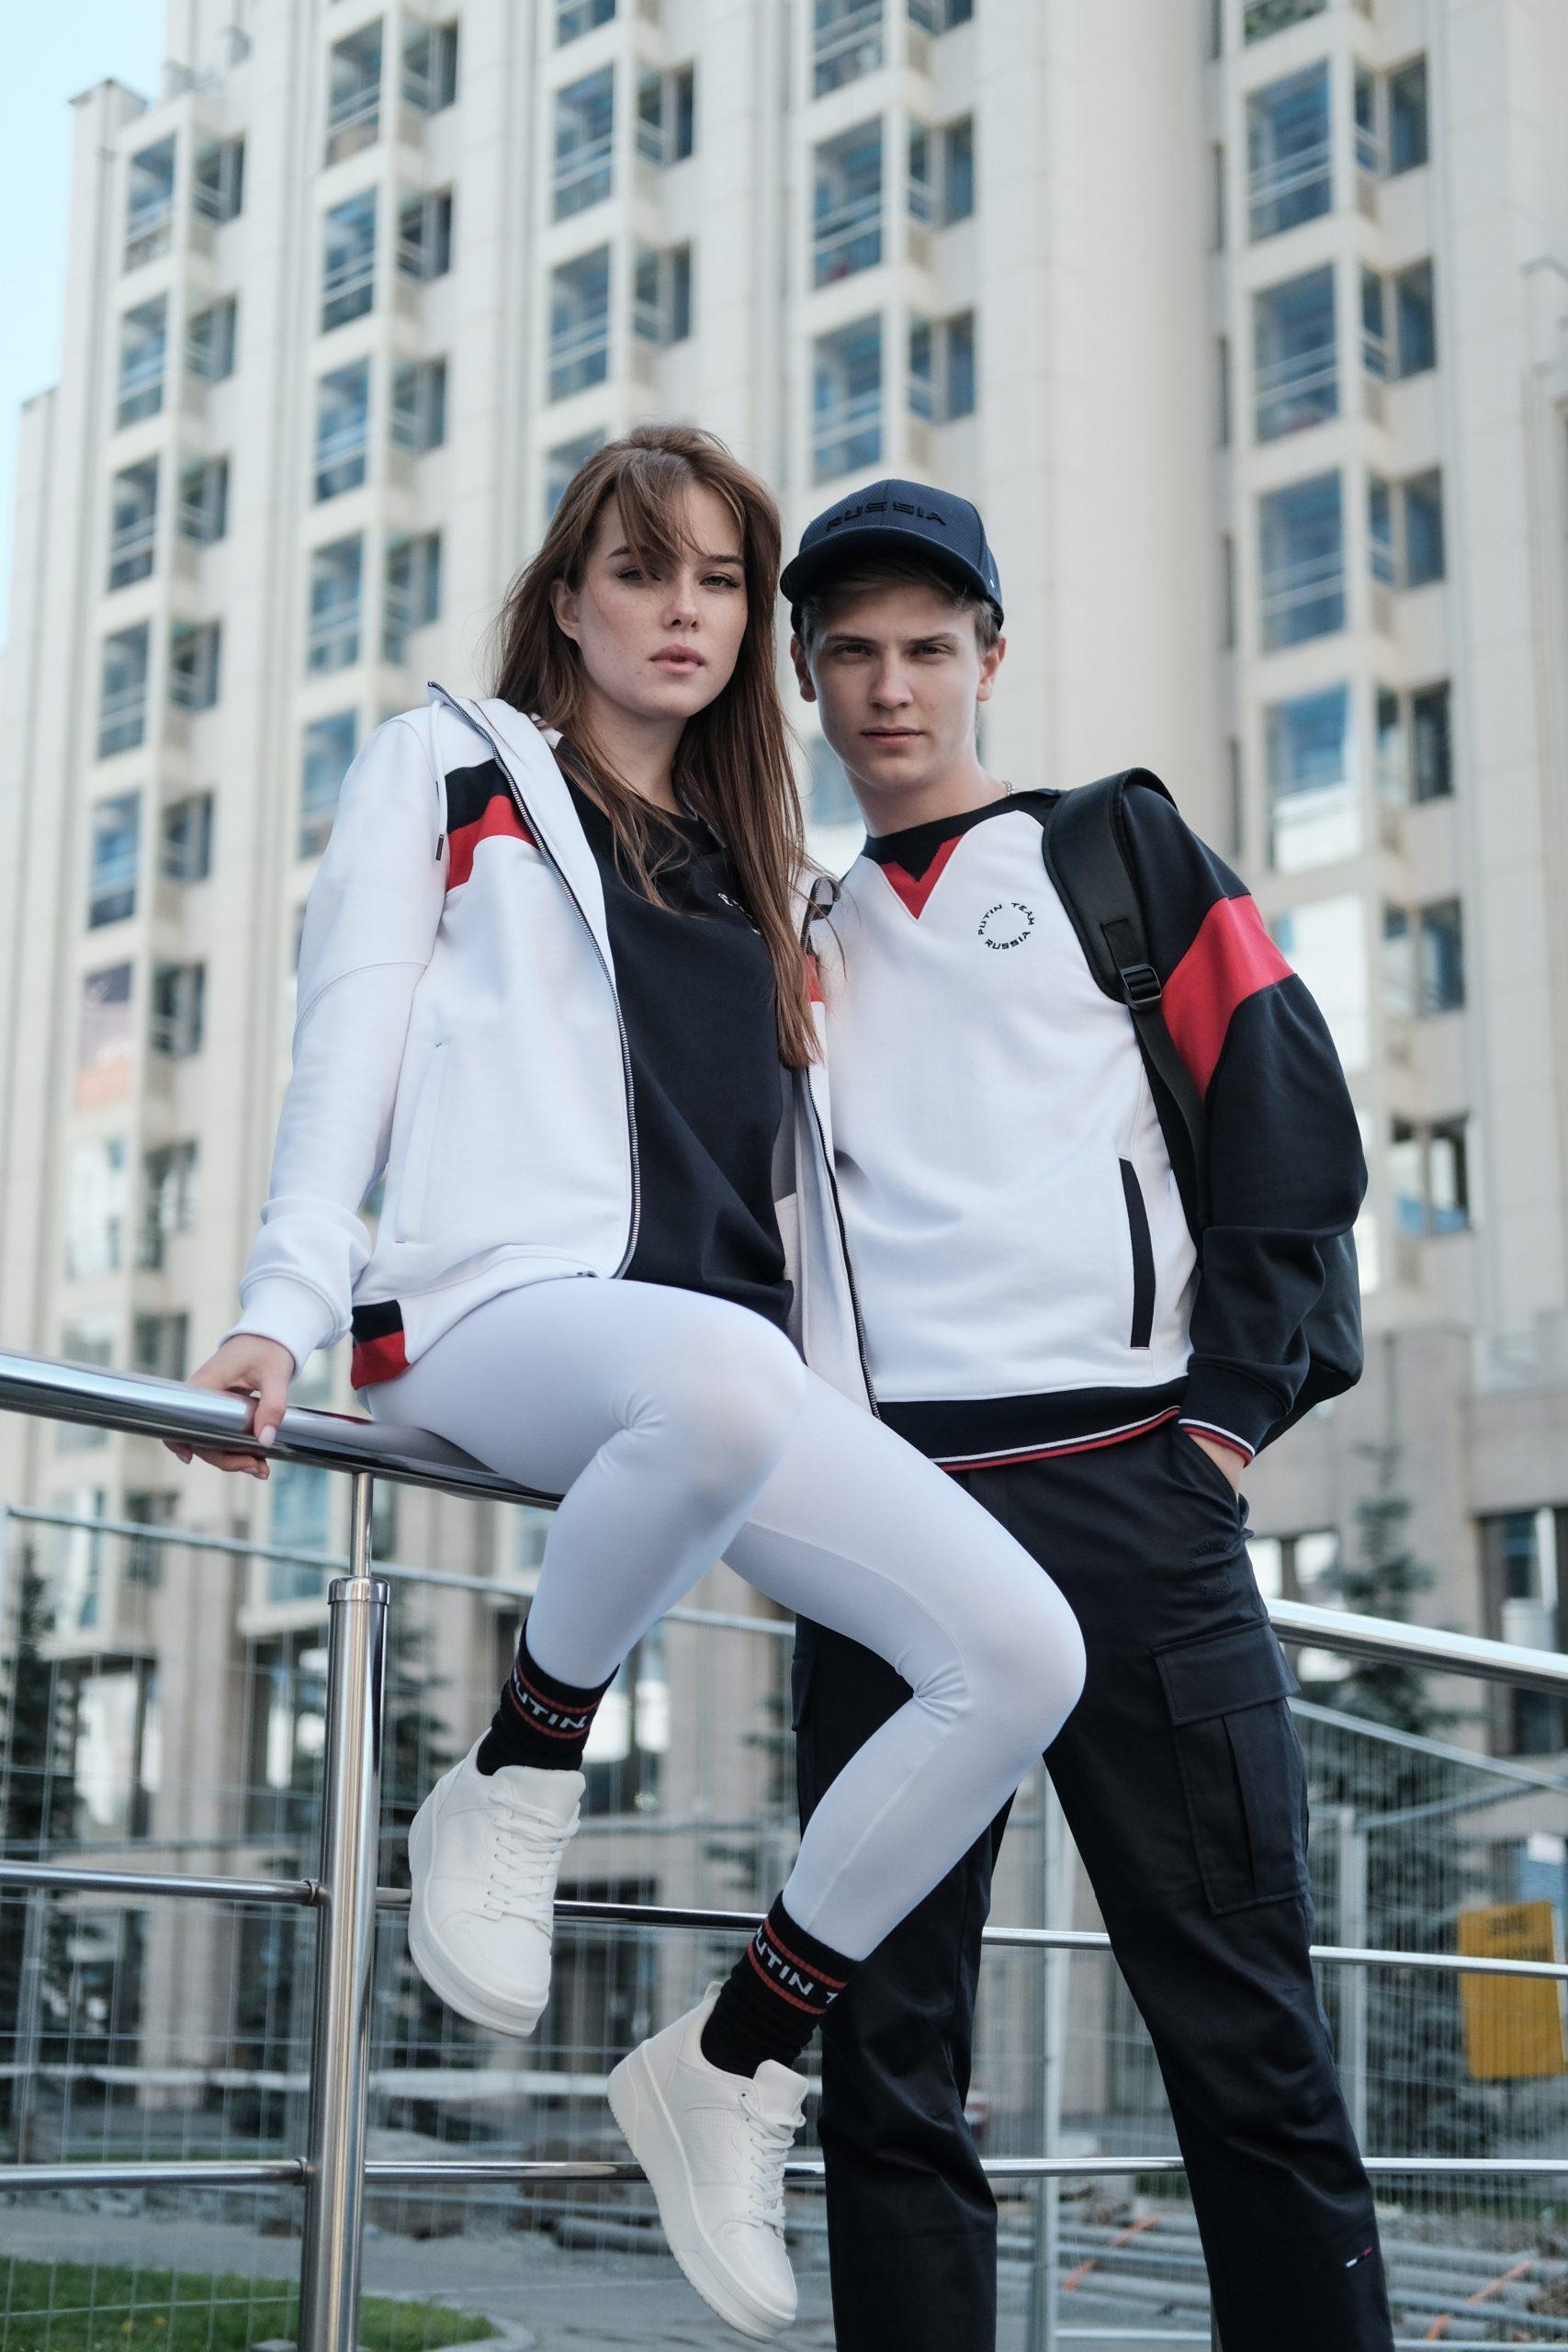 Бренд Putin team подарит победителям и призерам Олимпиады в Токио коллекцию одежды «Время первых»